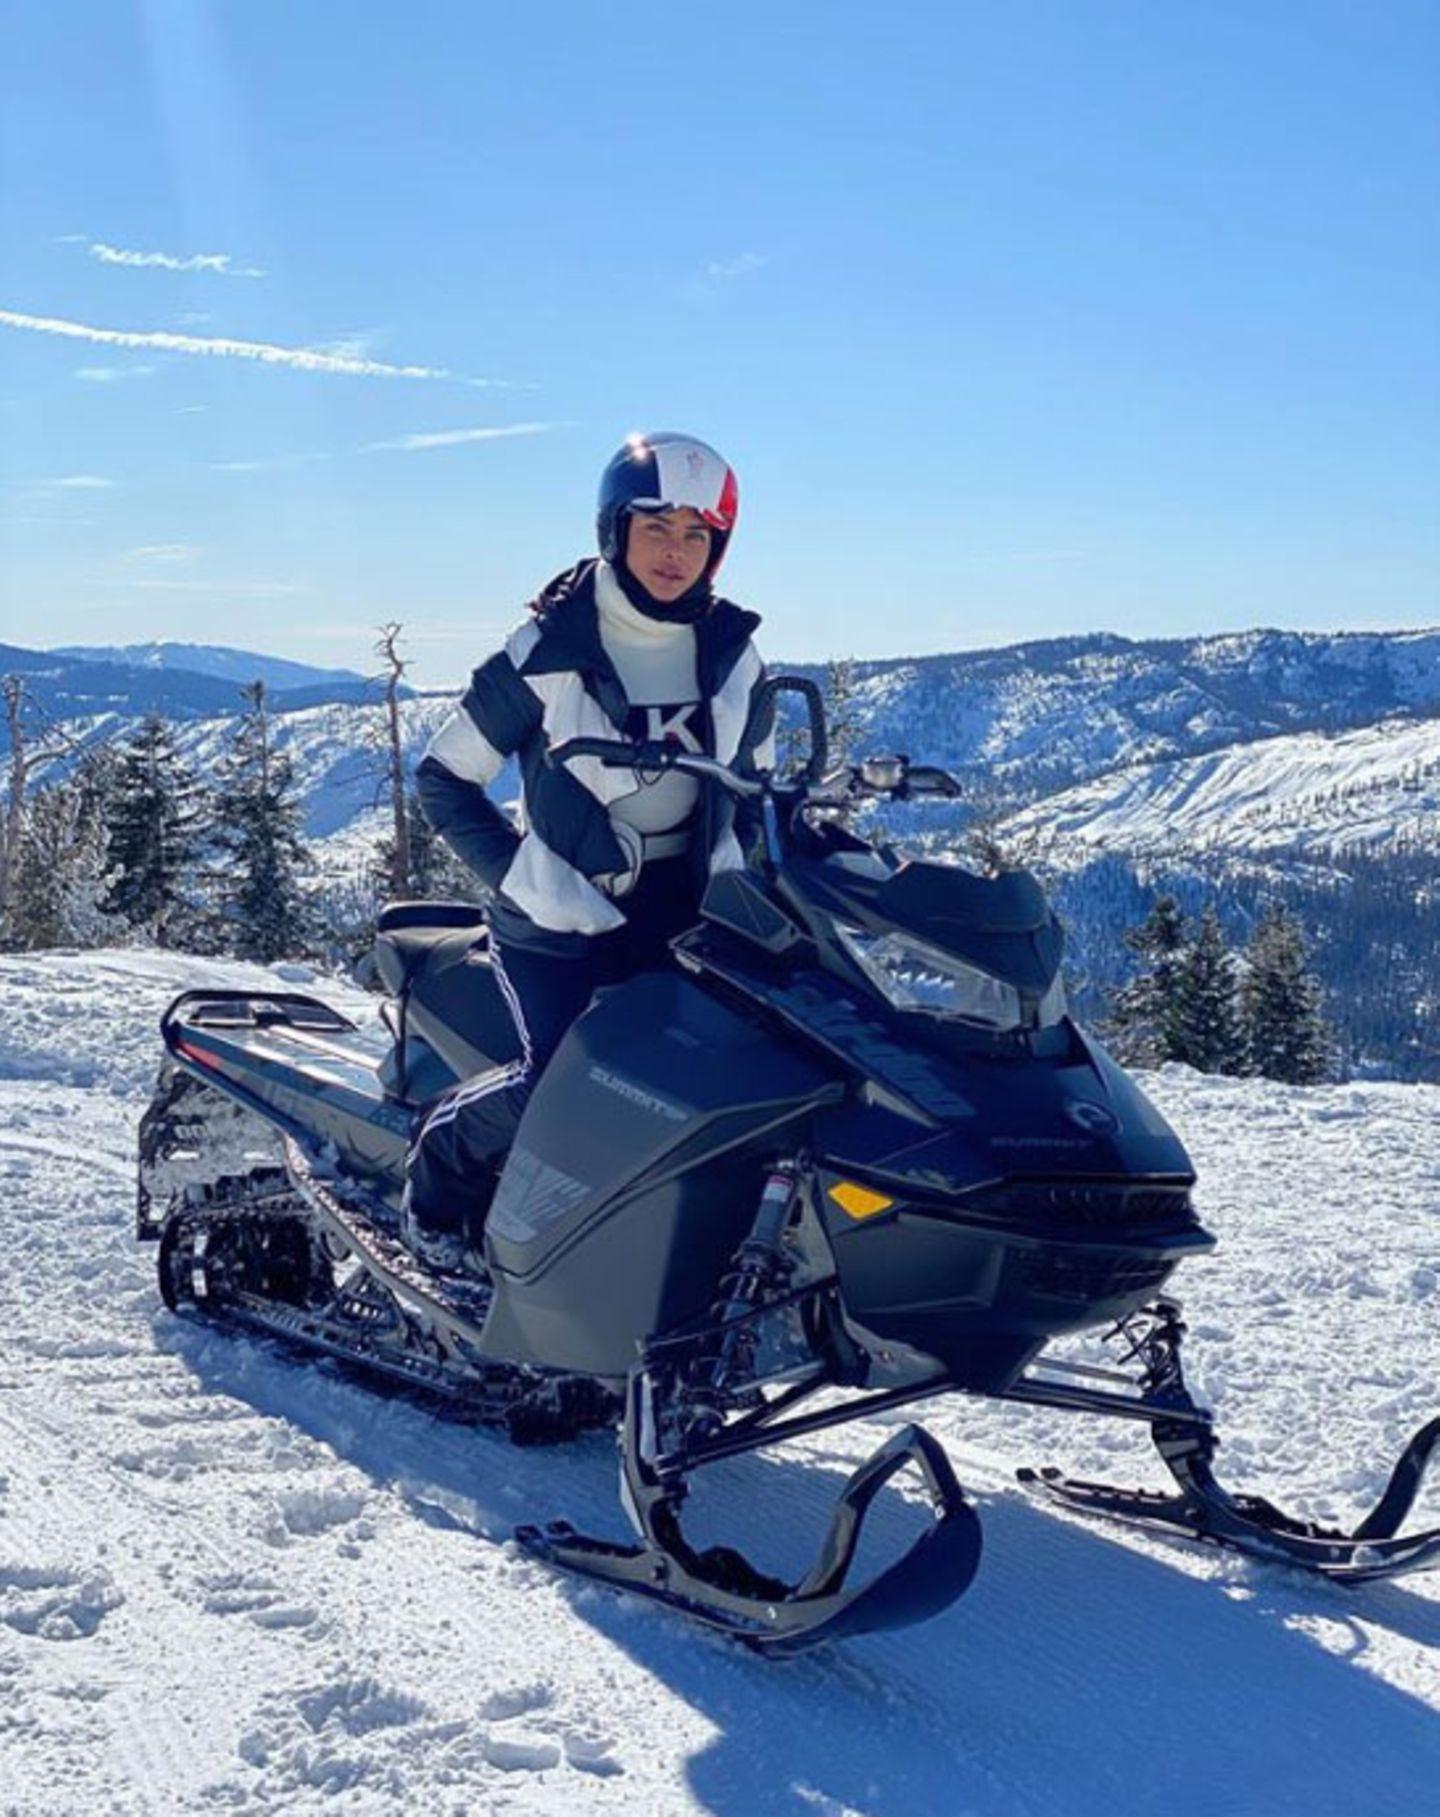 Schauspielerin Priyanka Chopra düst mit einem Schneemobil durch die verschneiten Berge.